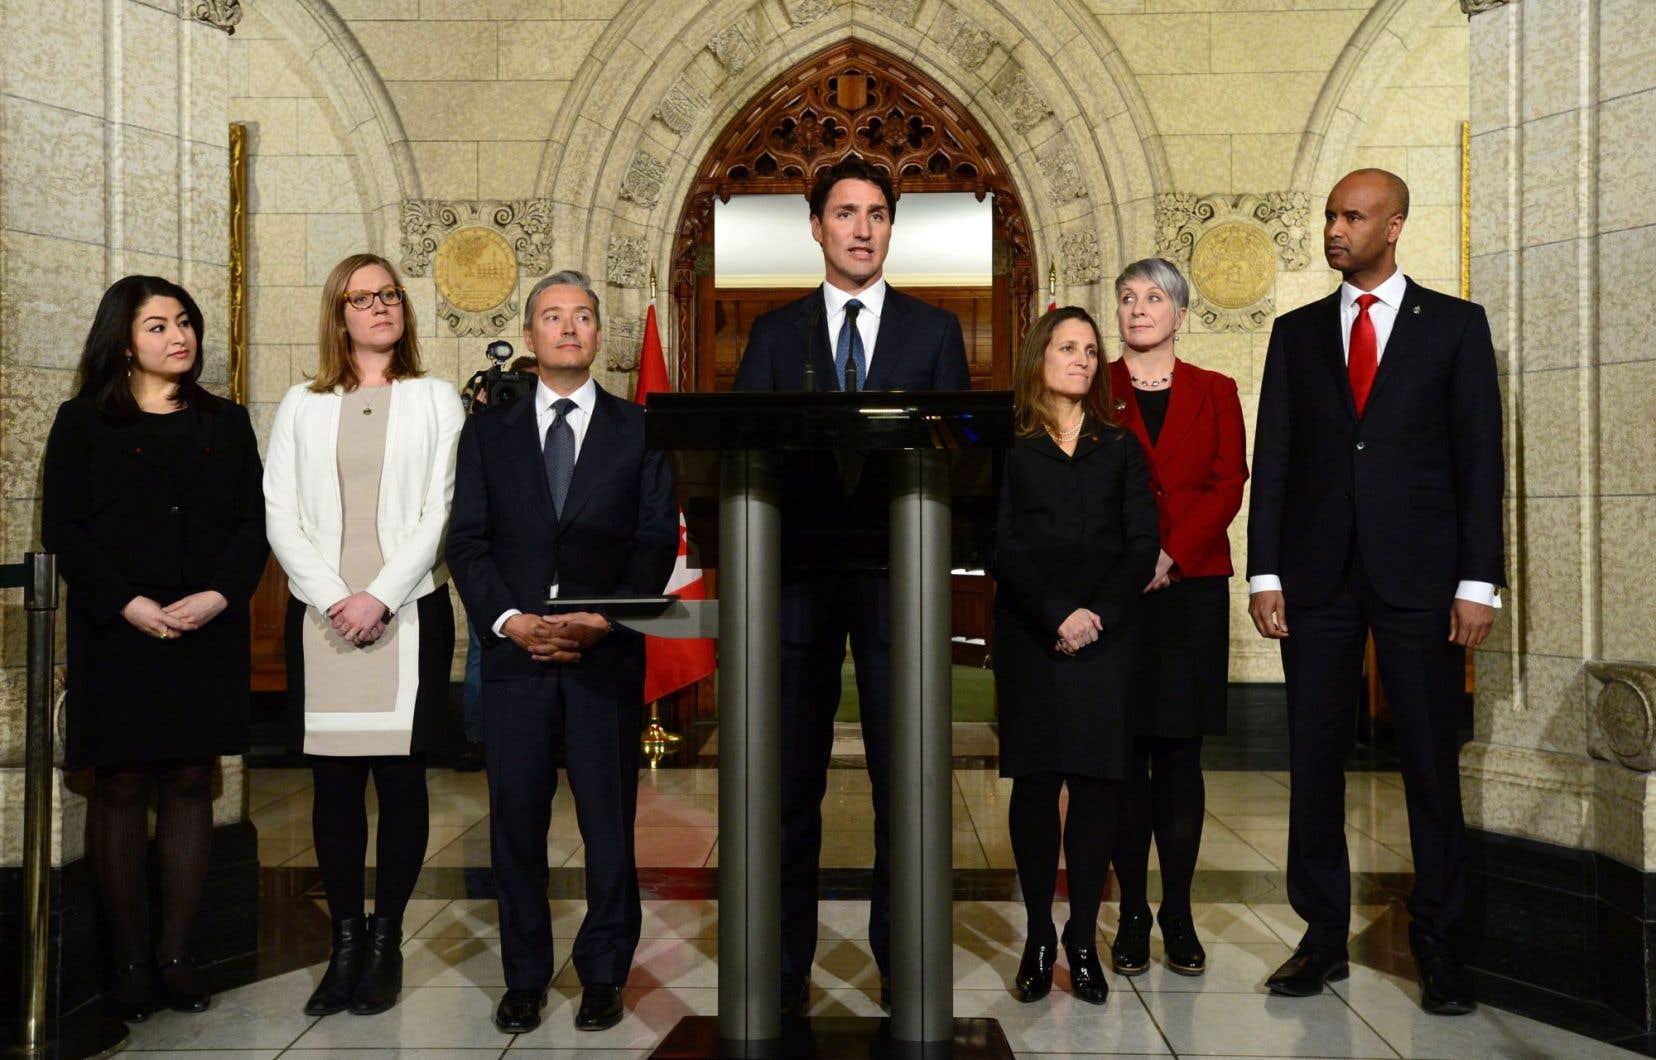 Le remaniement ministériel effectué hier après-midi par Justin Trudeau a conduit comme prévu au départ de trois ministres.